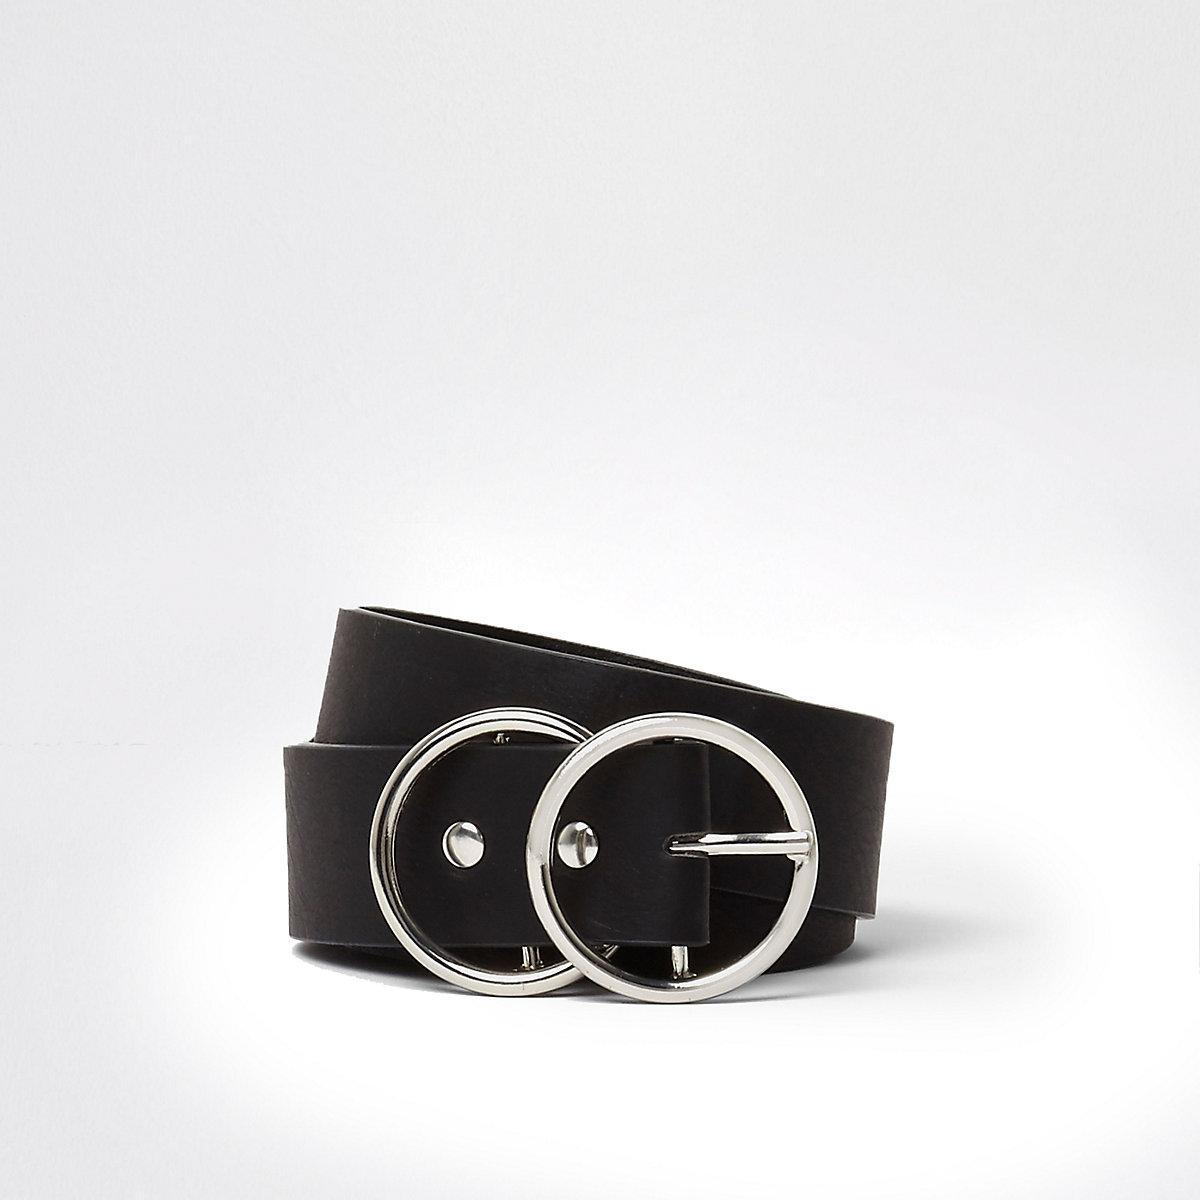 Zwarte jeansriem met dubbele ring en gesp